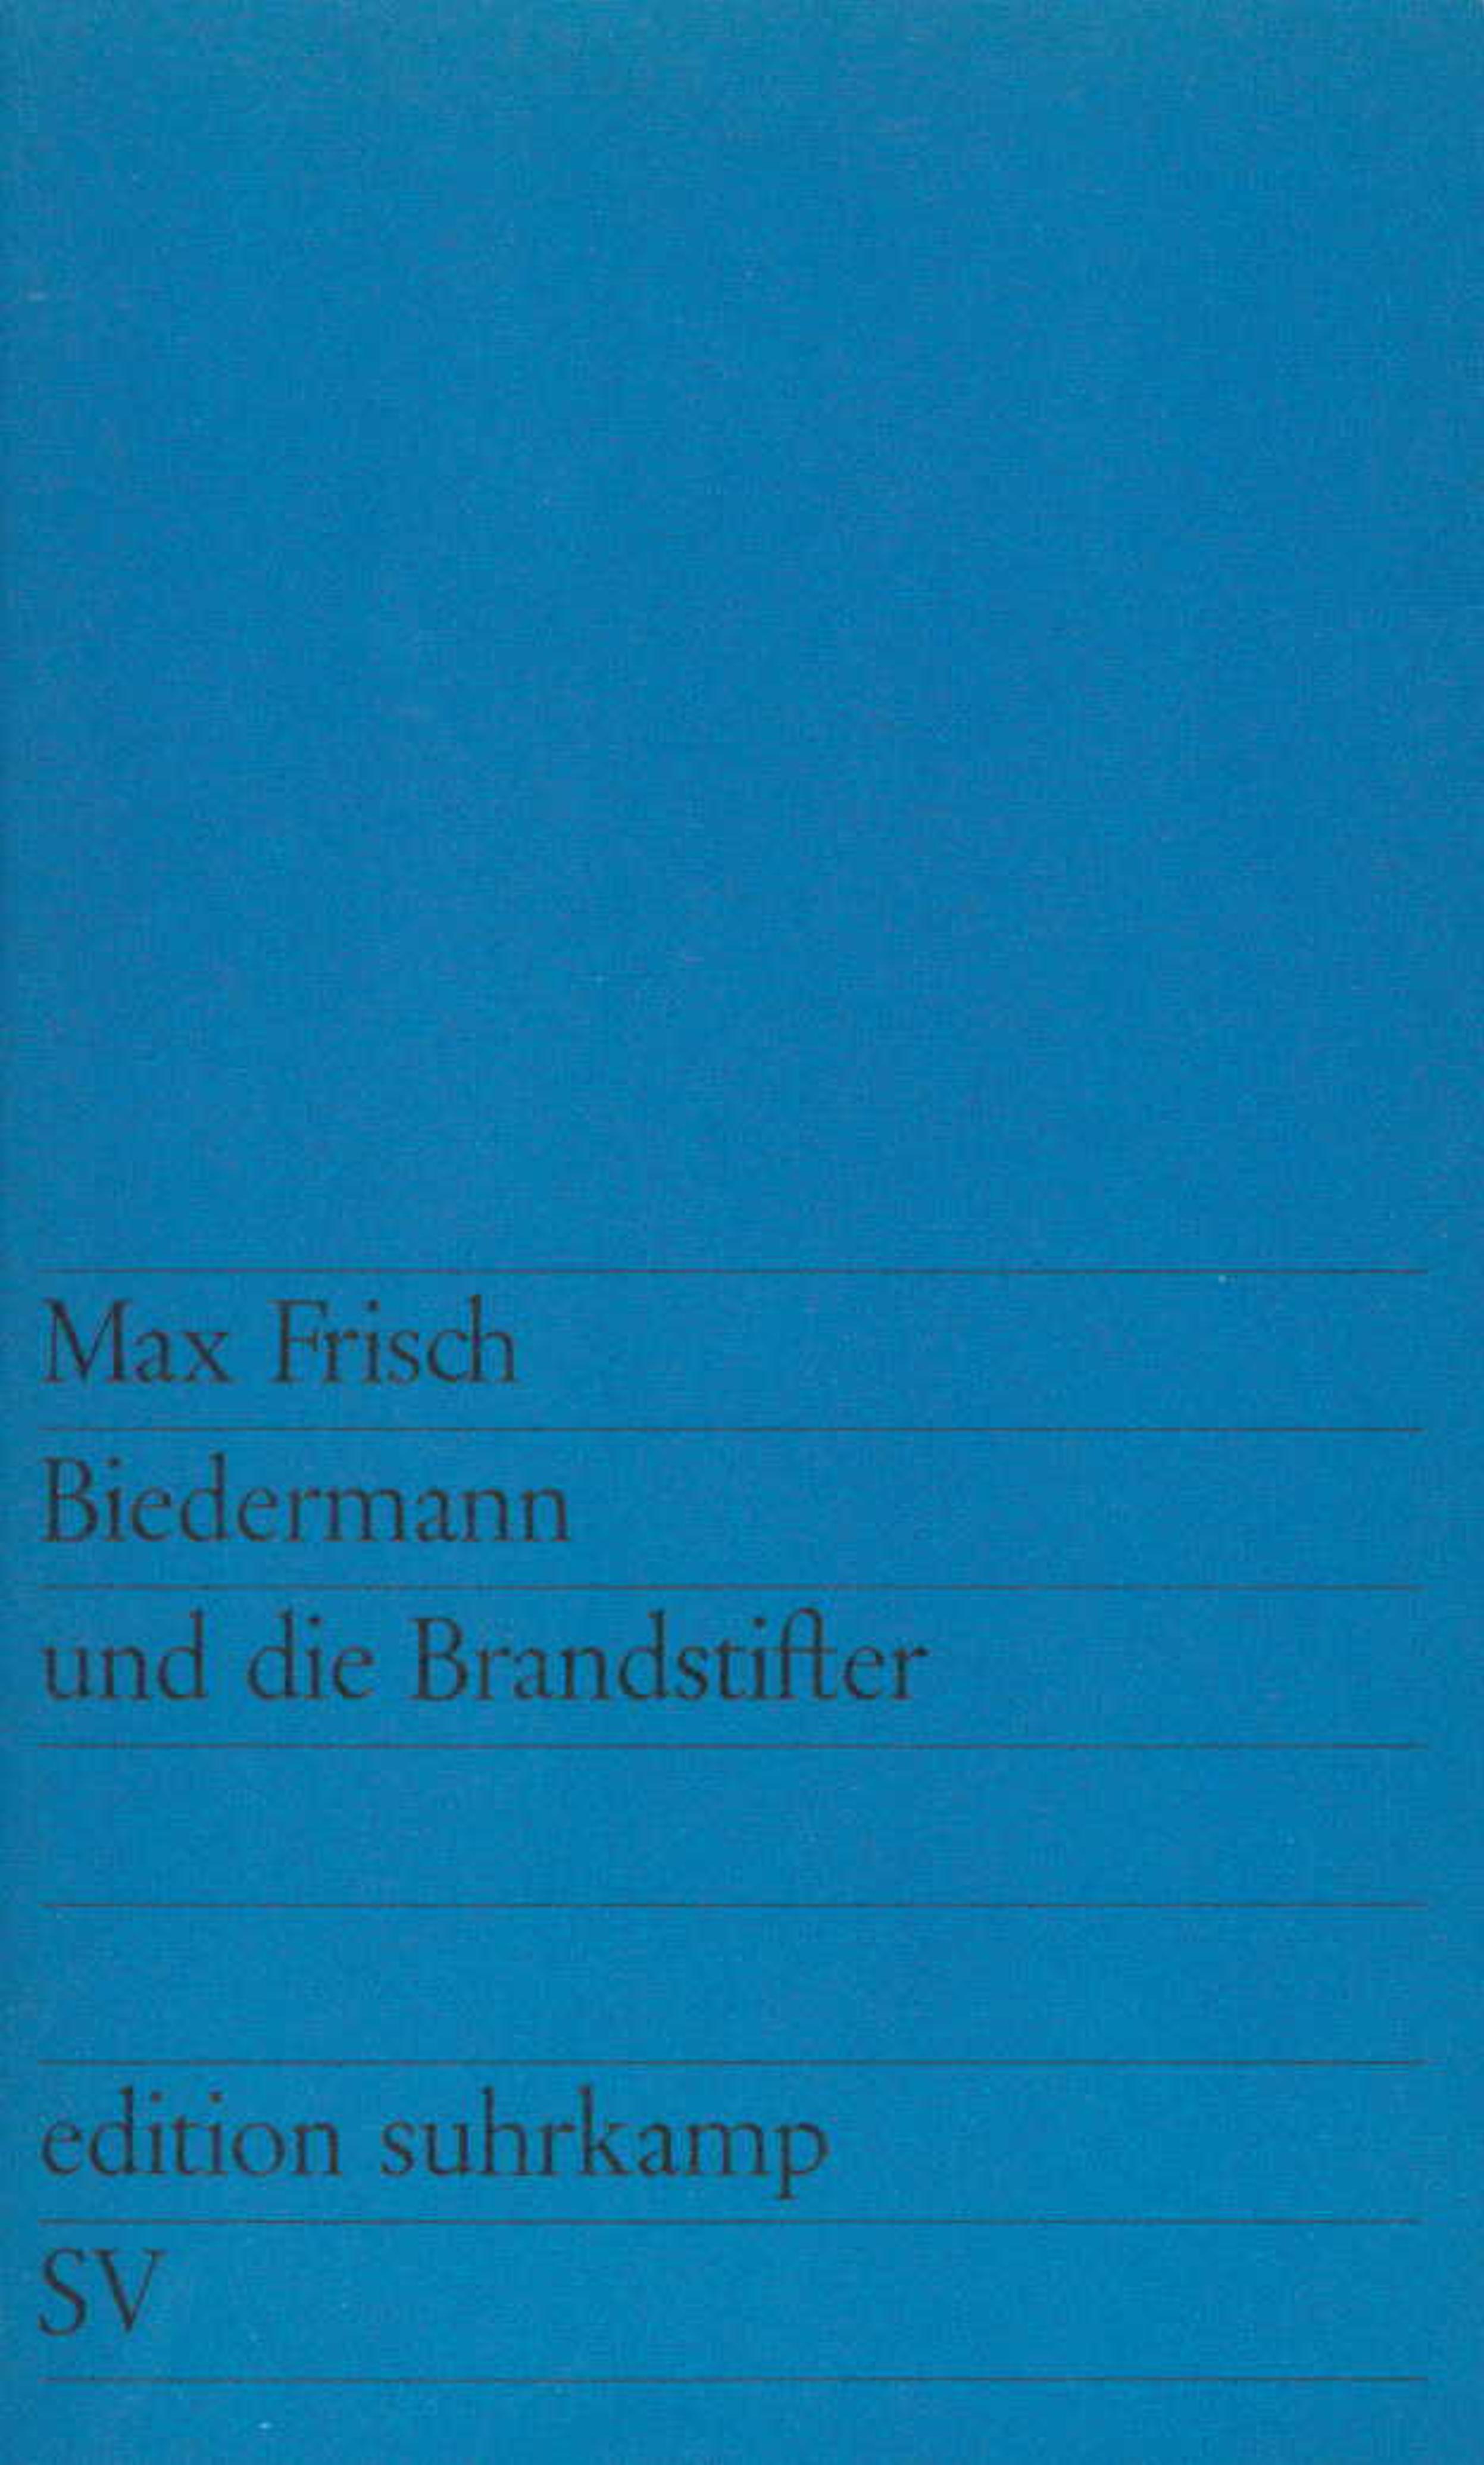 Biedermann und die Bra...